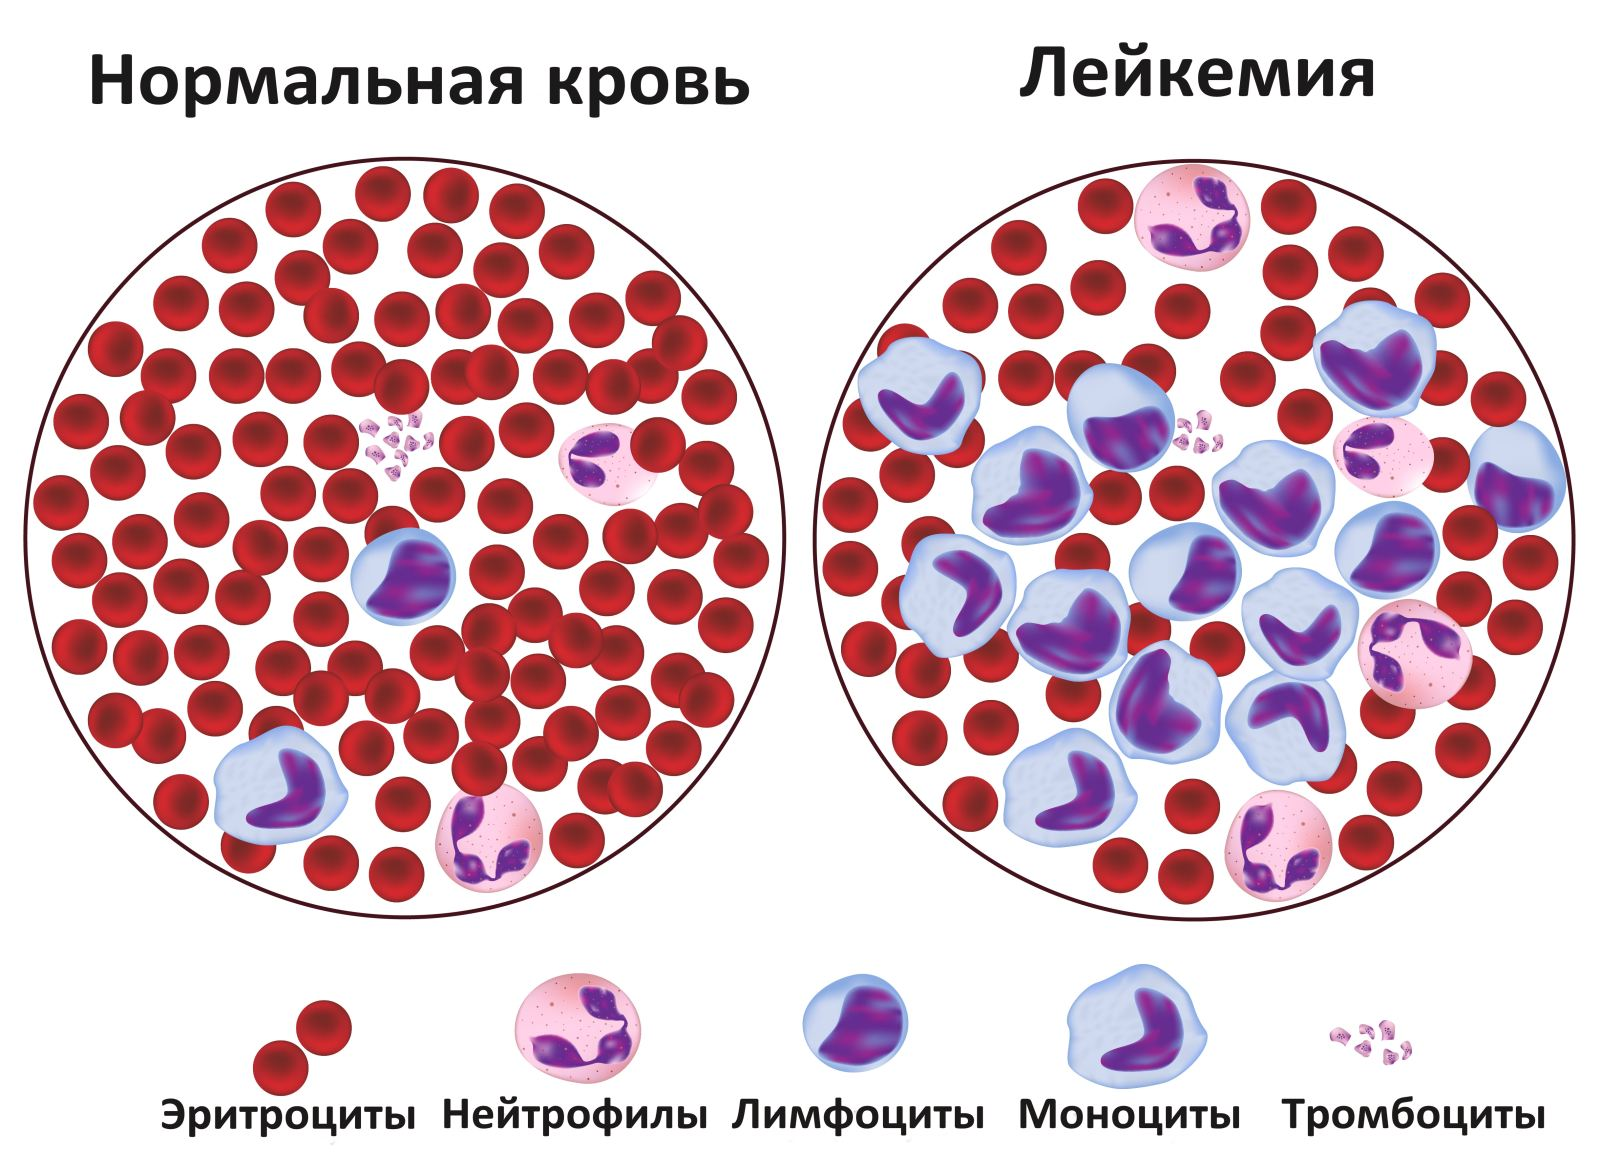 Лейкемия (лейкоз, белокровие, рак крови)